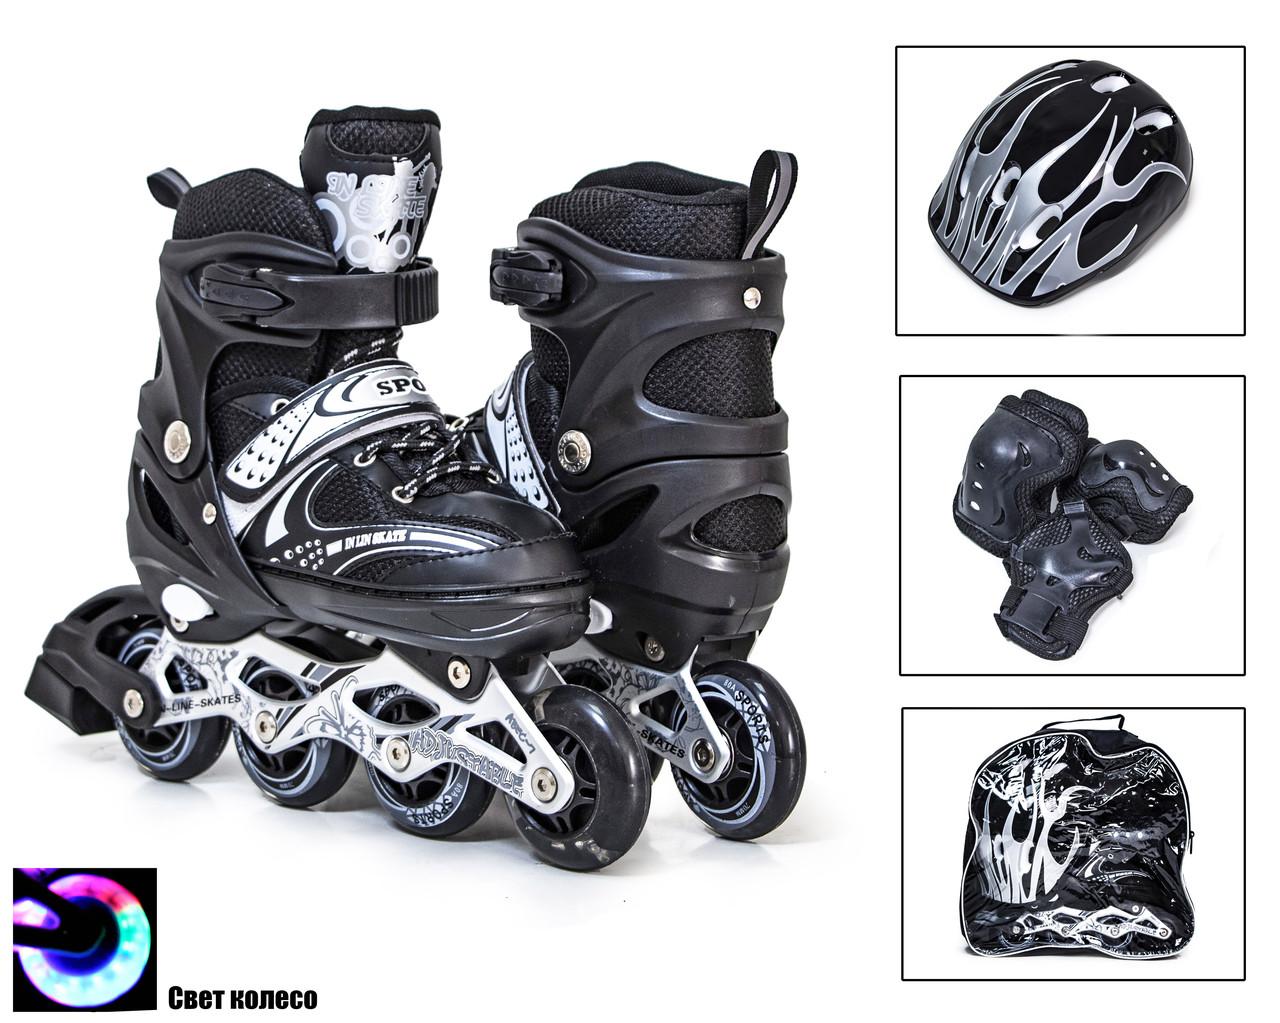 Комплект роликові ковзани Happy Black розмір 34-37, чорні, світяться колеса